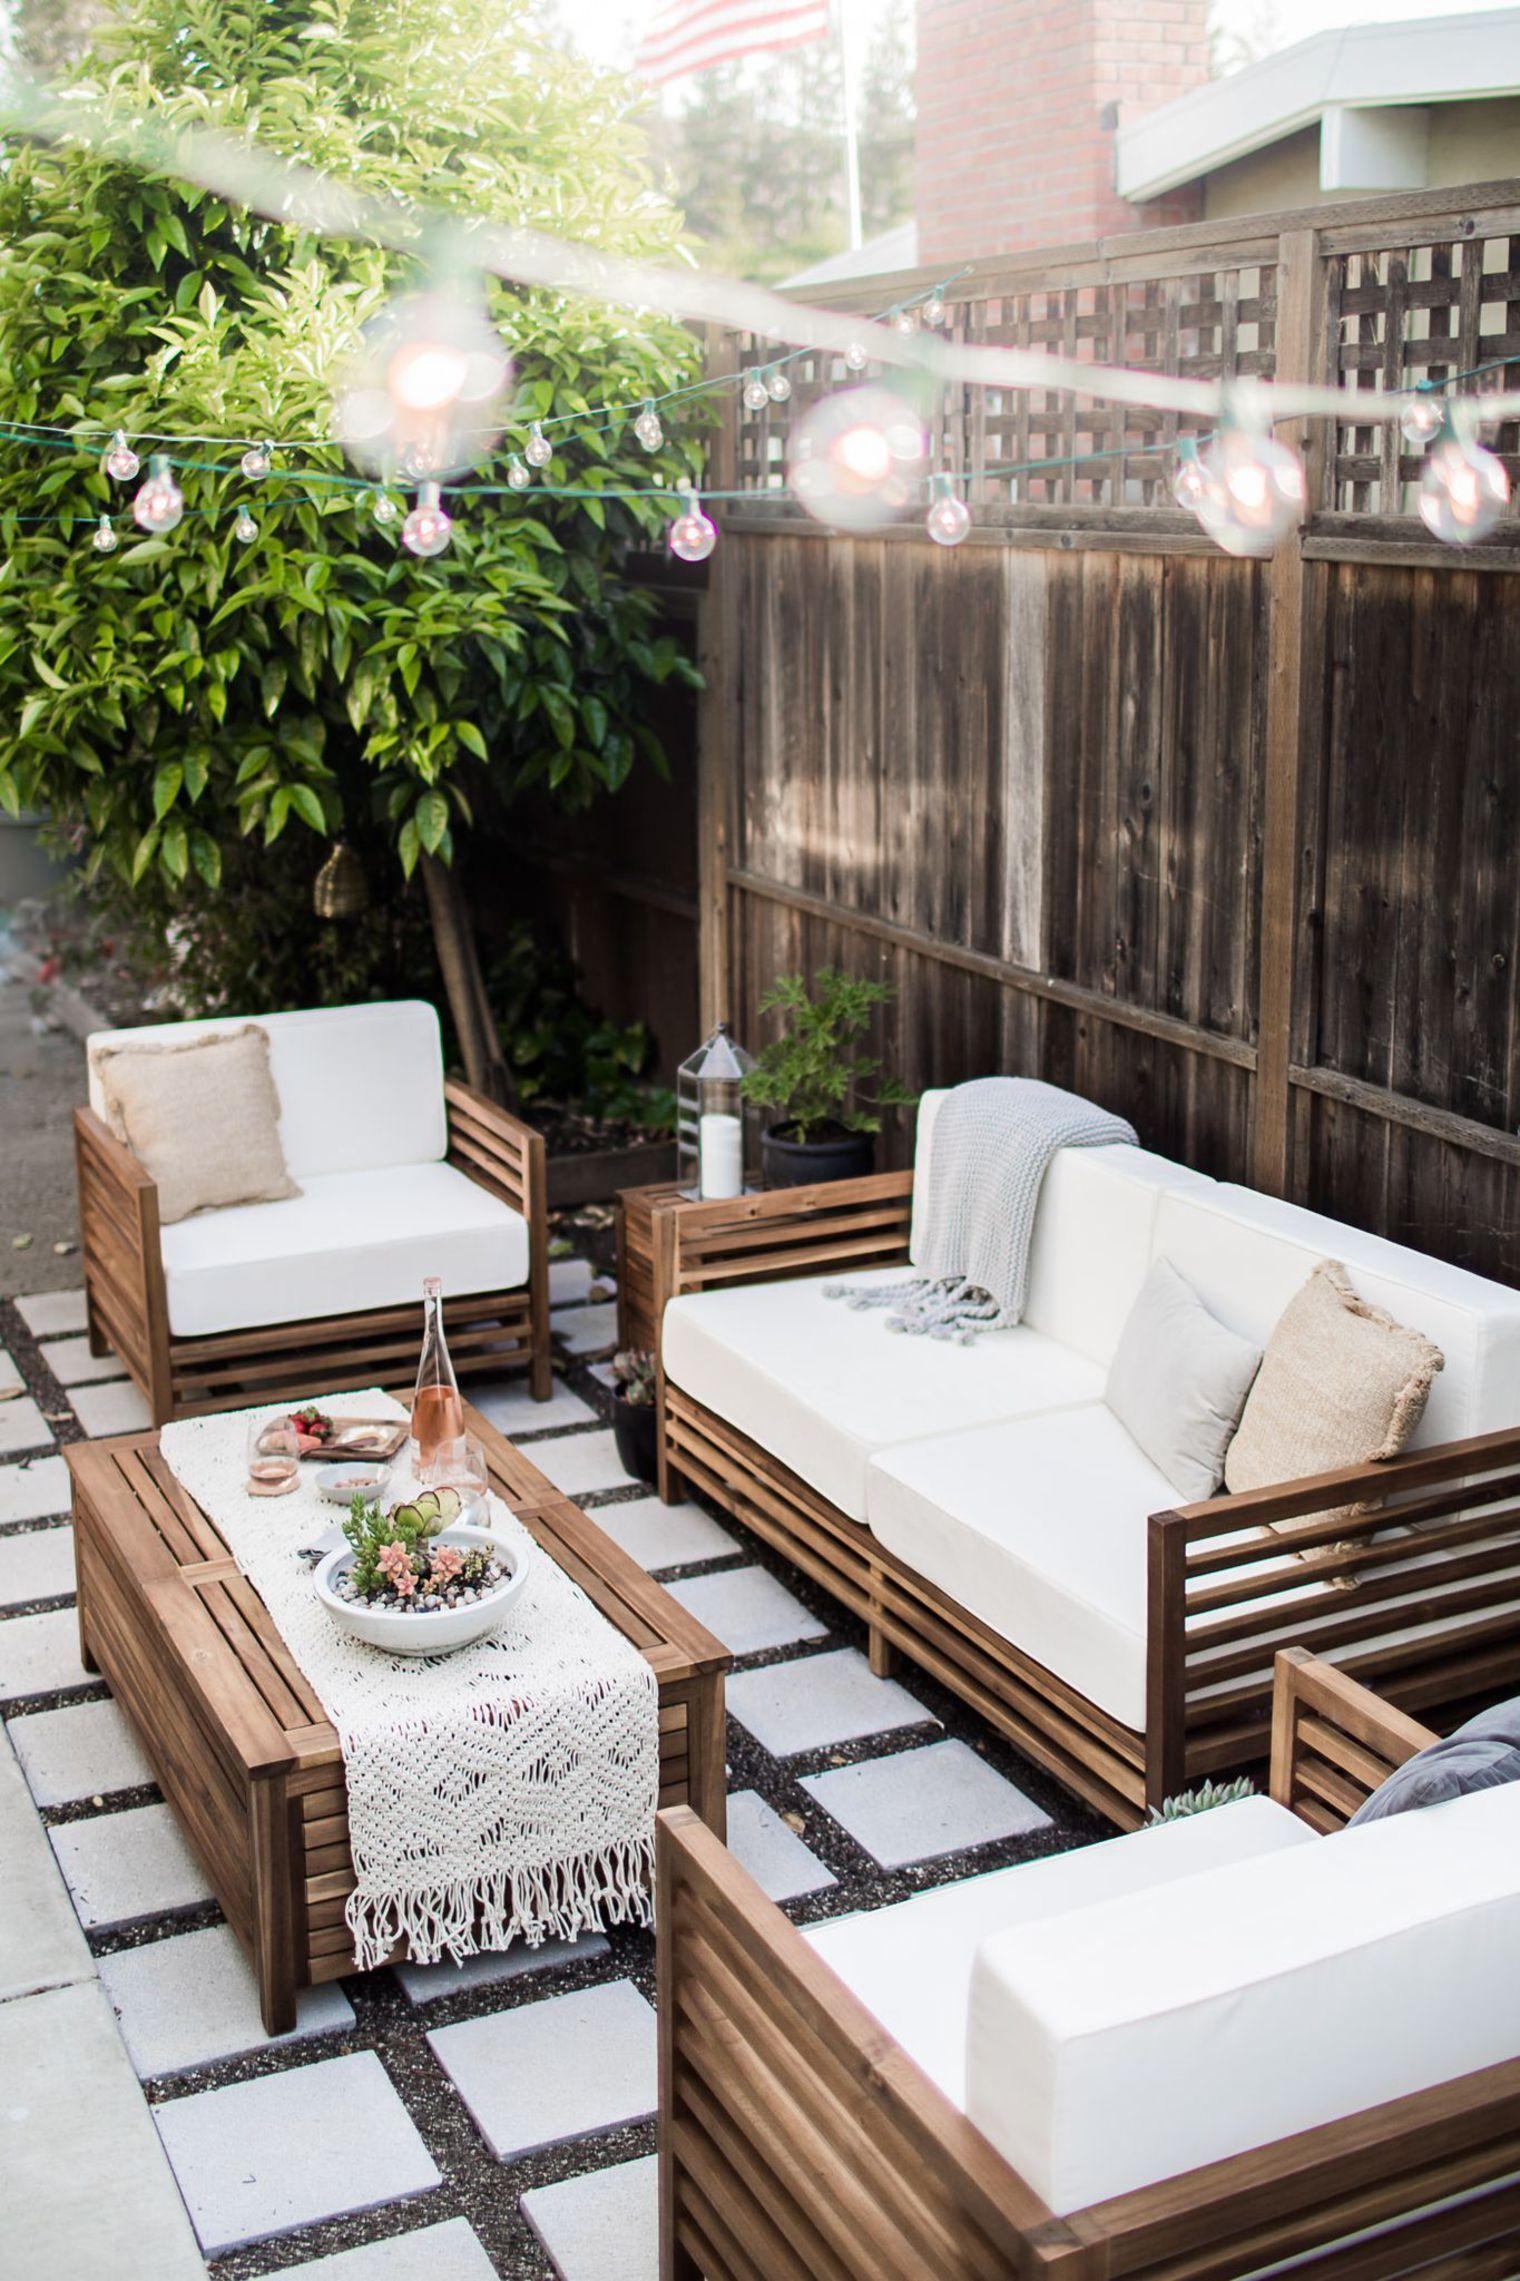 Patio Maison Idees Deco Pour Cour Interieure Meubles De Patio Meuble Jardin Mobilier Jardin